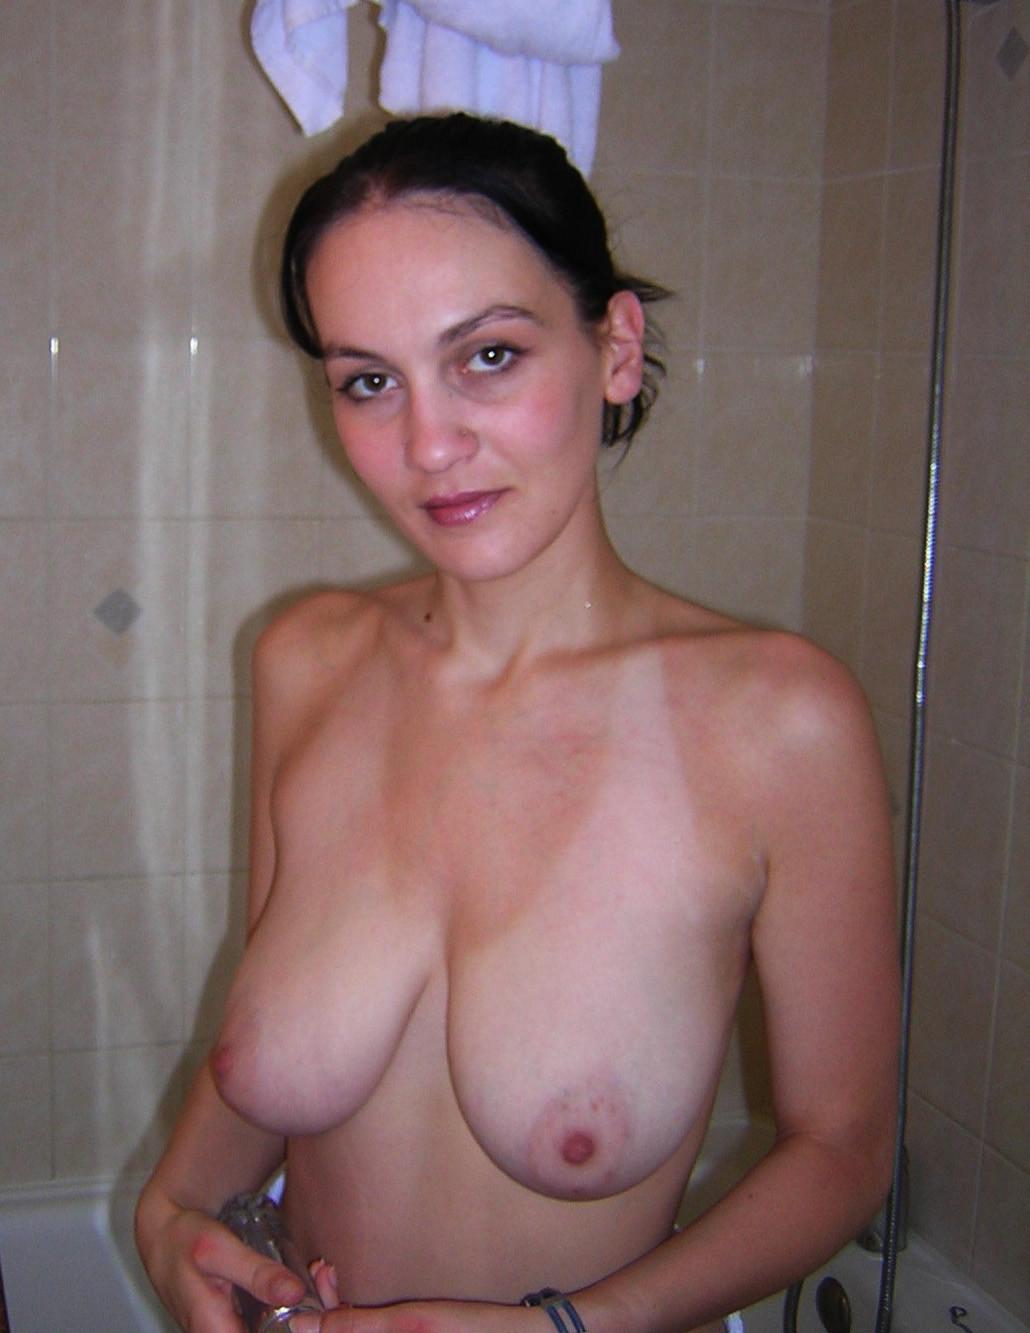 【強烈】ギリギリ抱けそうな垂れ乳BBAの体をご覧ください。(画像あり)・13枚目